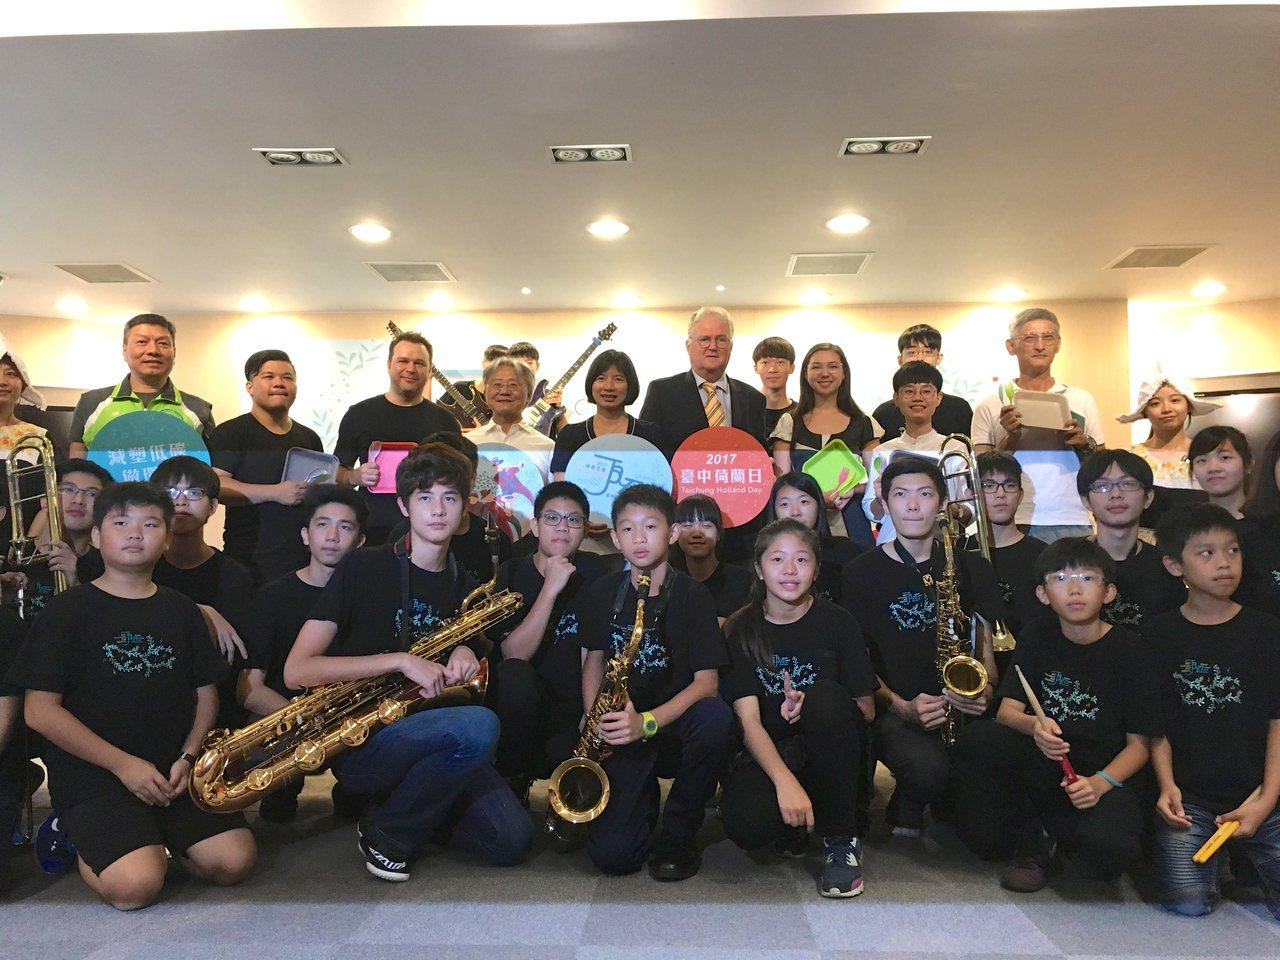 台中爵士音樂節培訓的「青少年爵士大樂團」為活動宣傳,團員們演出快樂頌、Mambo...